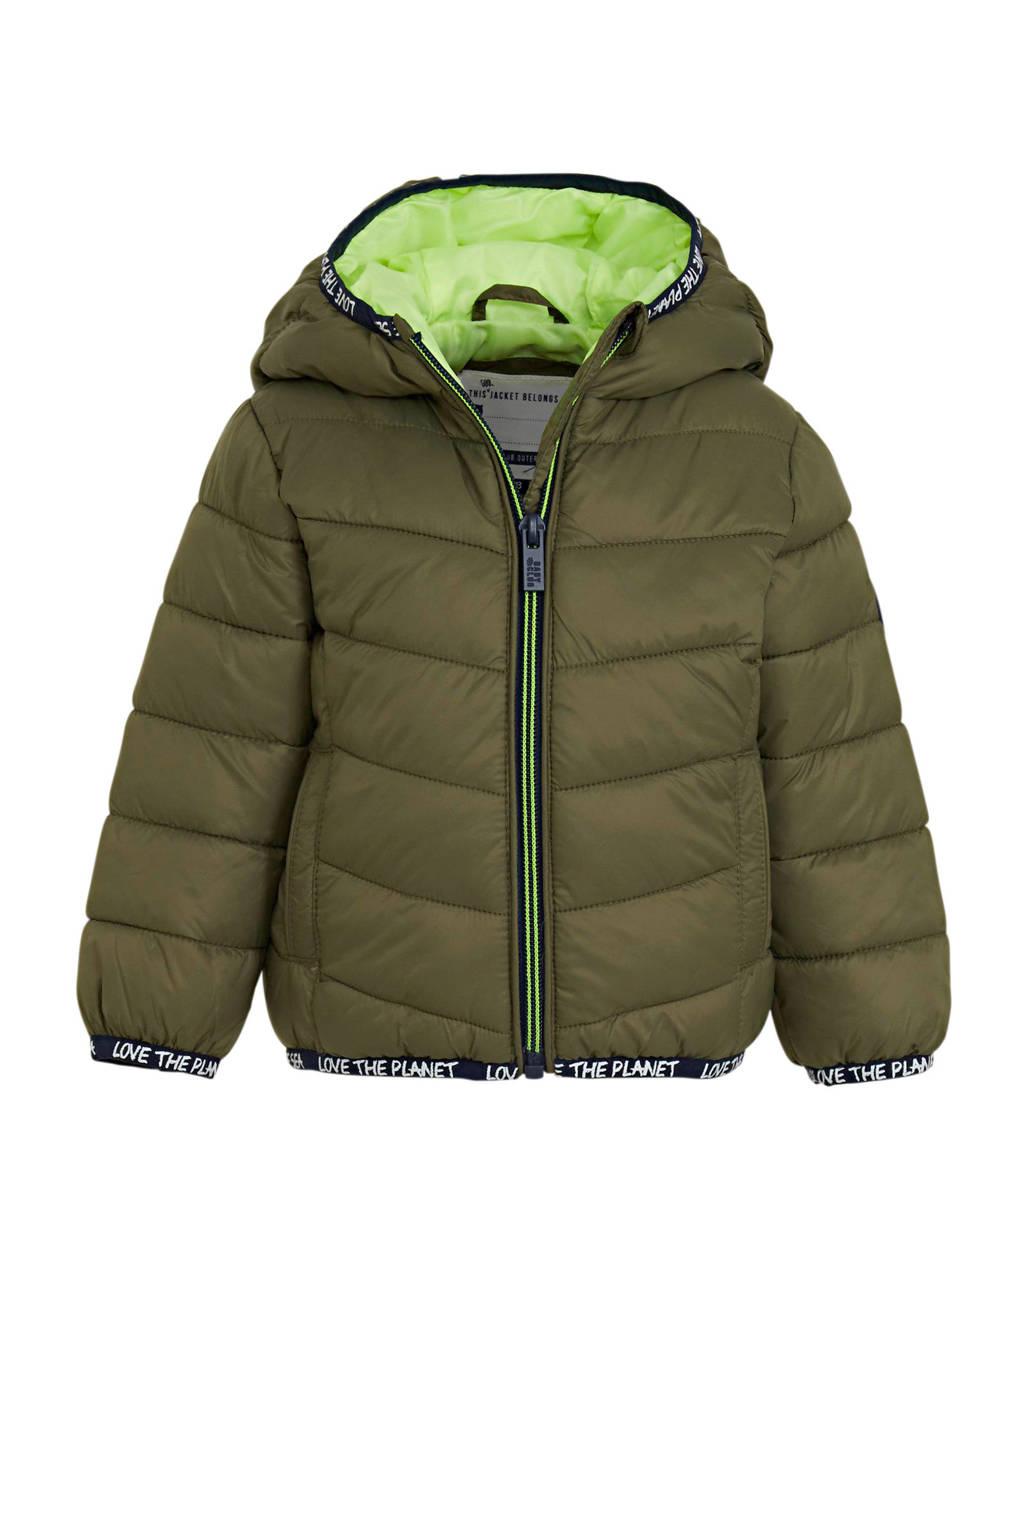 C&A Baby Club gewatteerde winterjas olijfgroen/groen, Olijfgroen/Groen